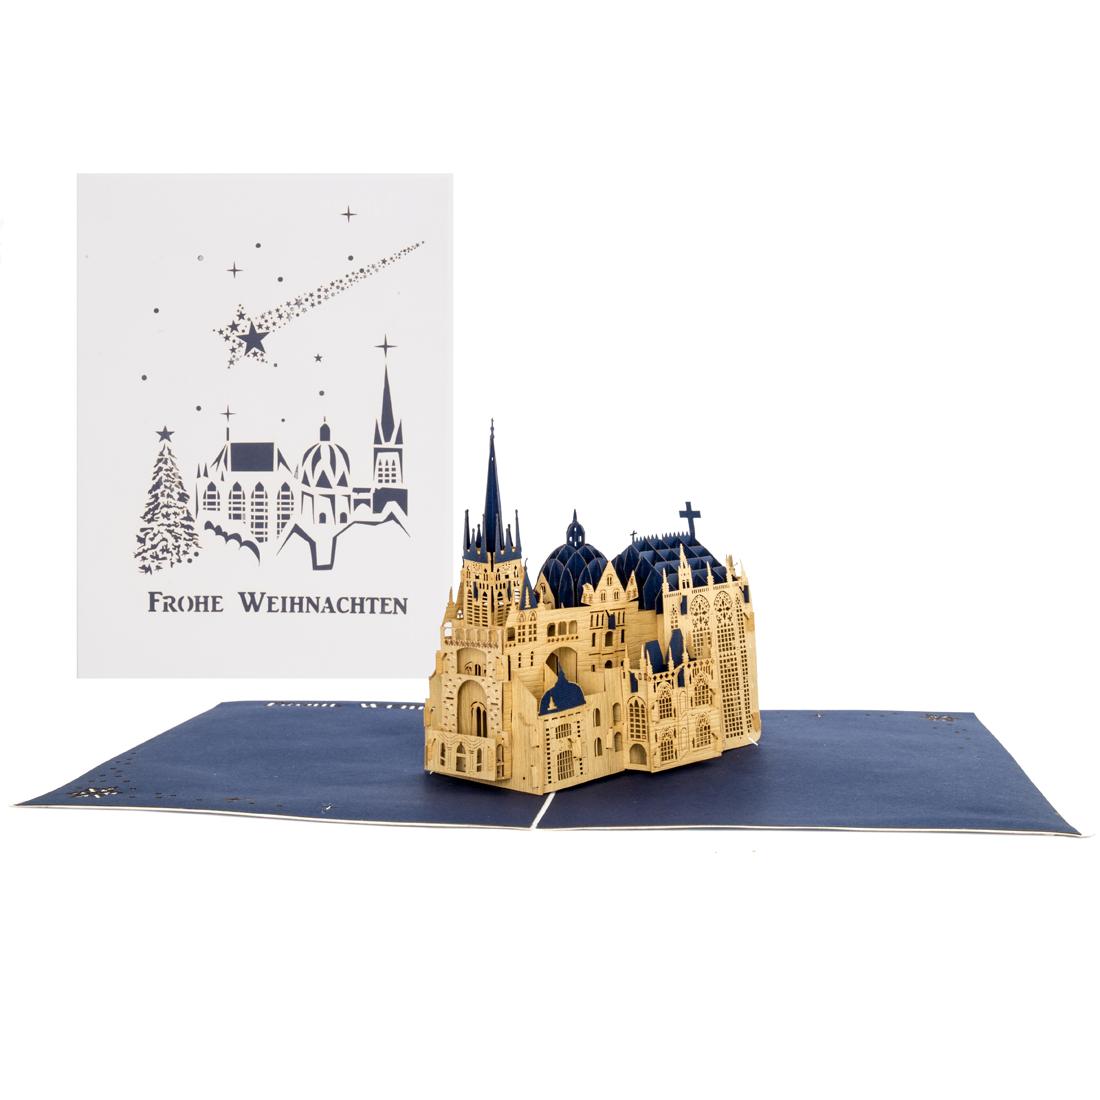 """Pop Up Weihnachtskarte """"Frohe Weihnachten"""" mit 3D Modell Aachener Dom"""